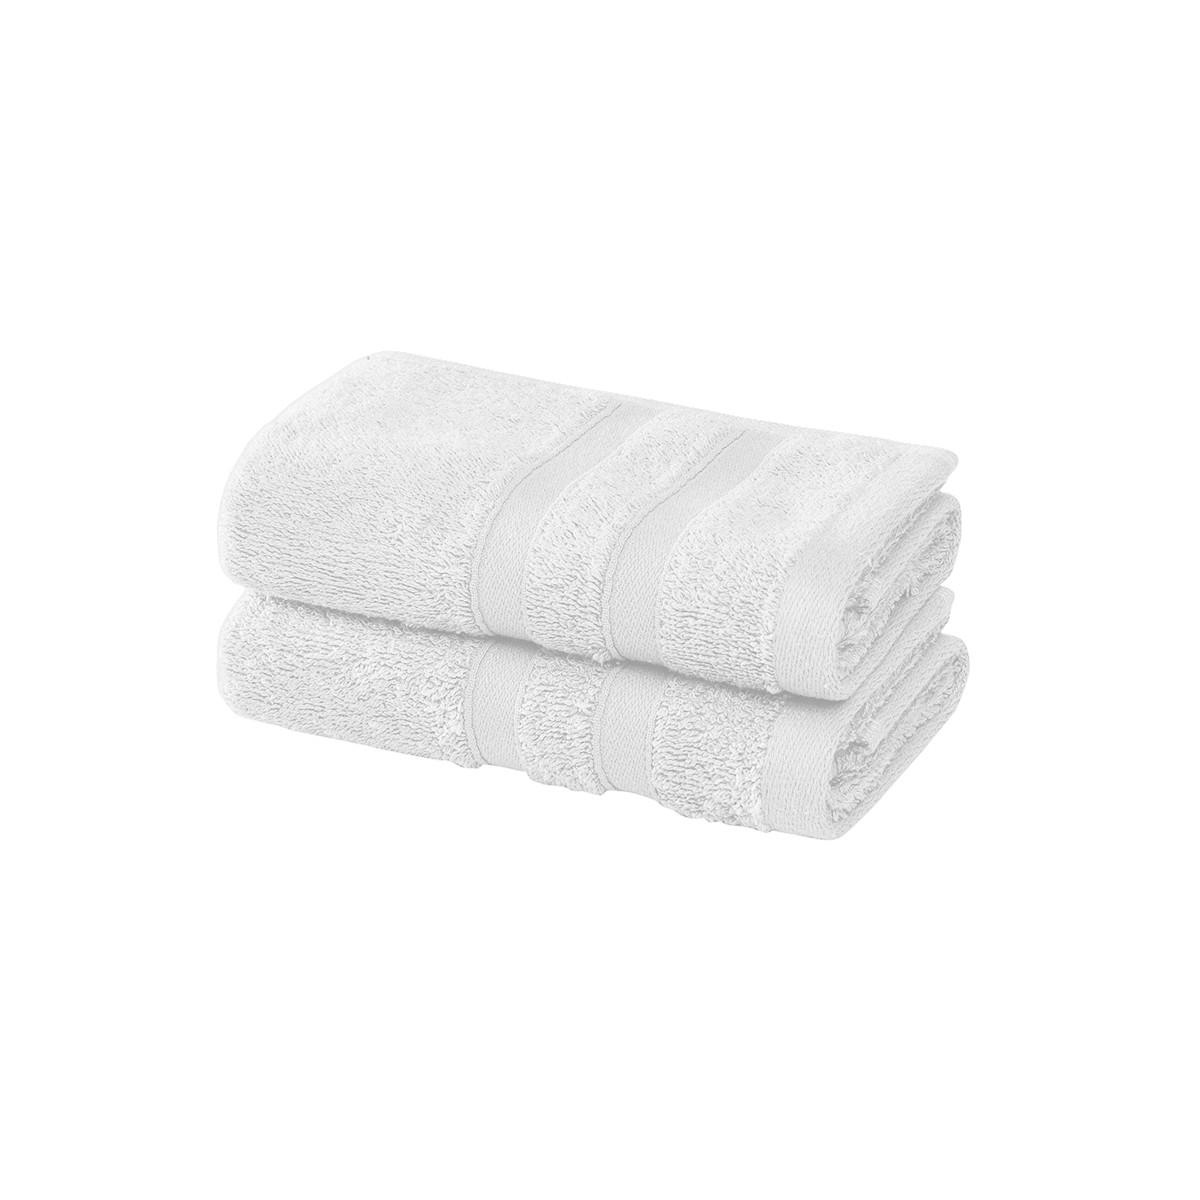 2 serviettes invité en coton bio Blanc 30x50 cm